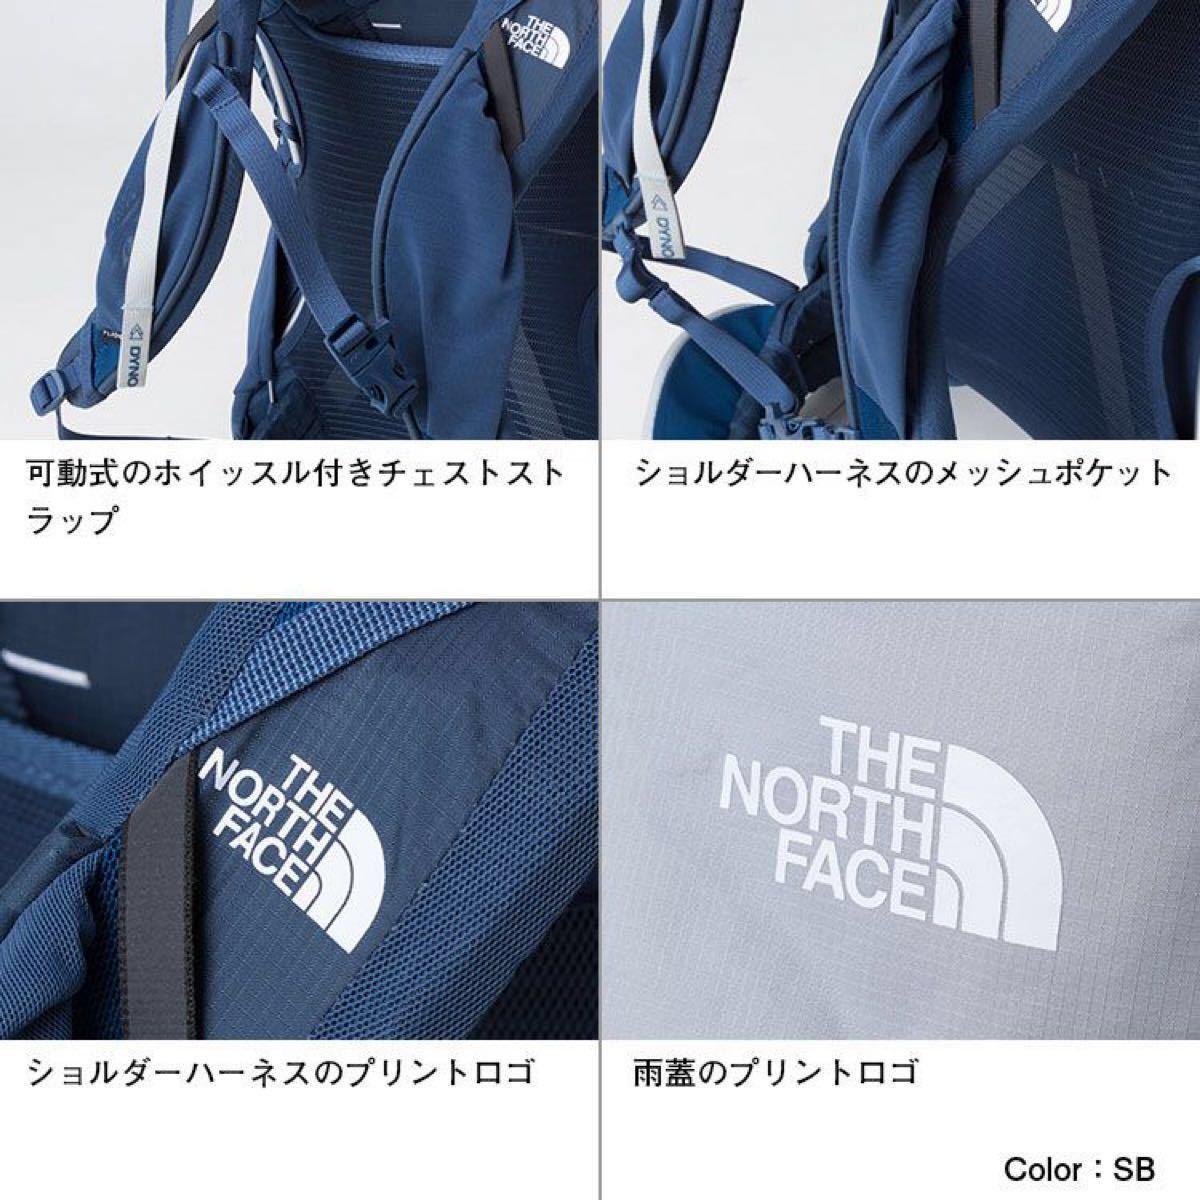 THE NORTH FACE ノースフェイス リュック バンチー65 レディース